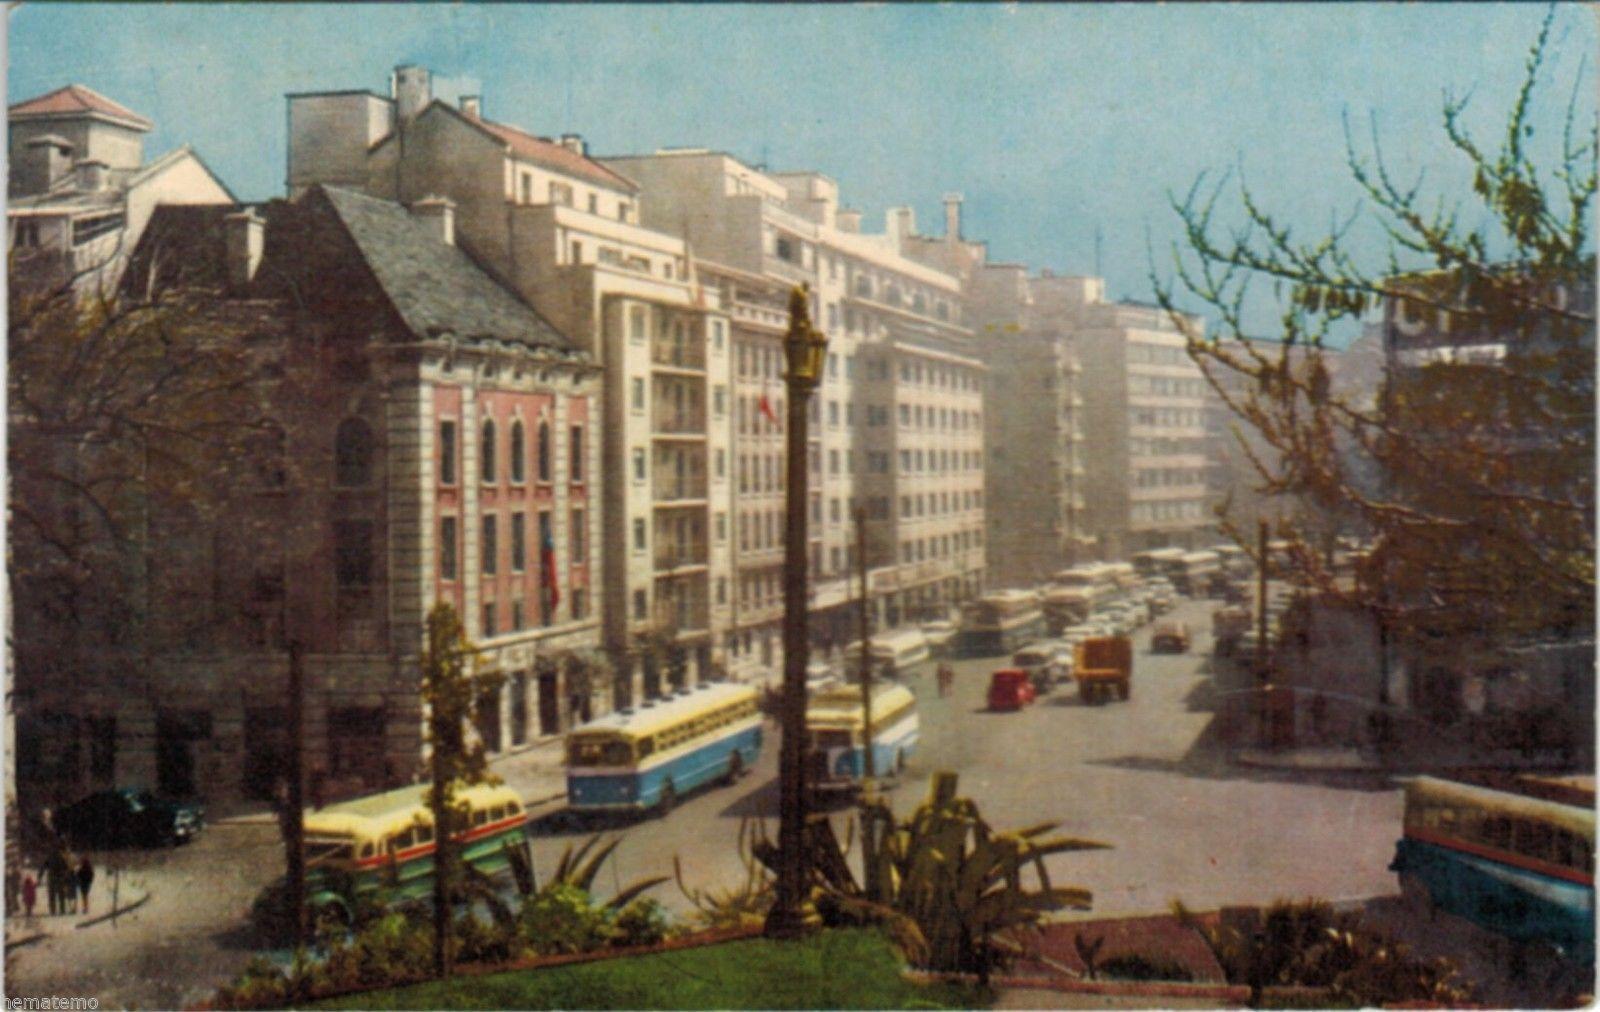 Enterreno - Fotos históricas de chile - fotos antiguas de Chile - Calle Santa Lucia, Santiago, 1950